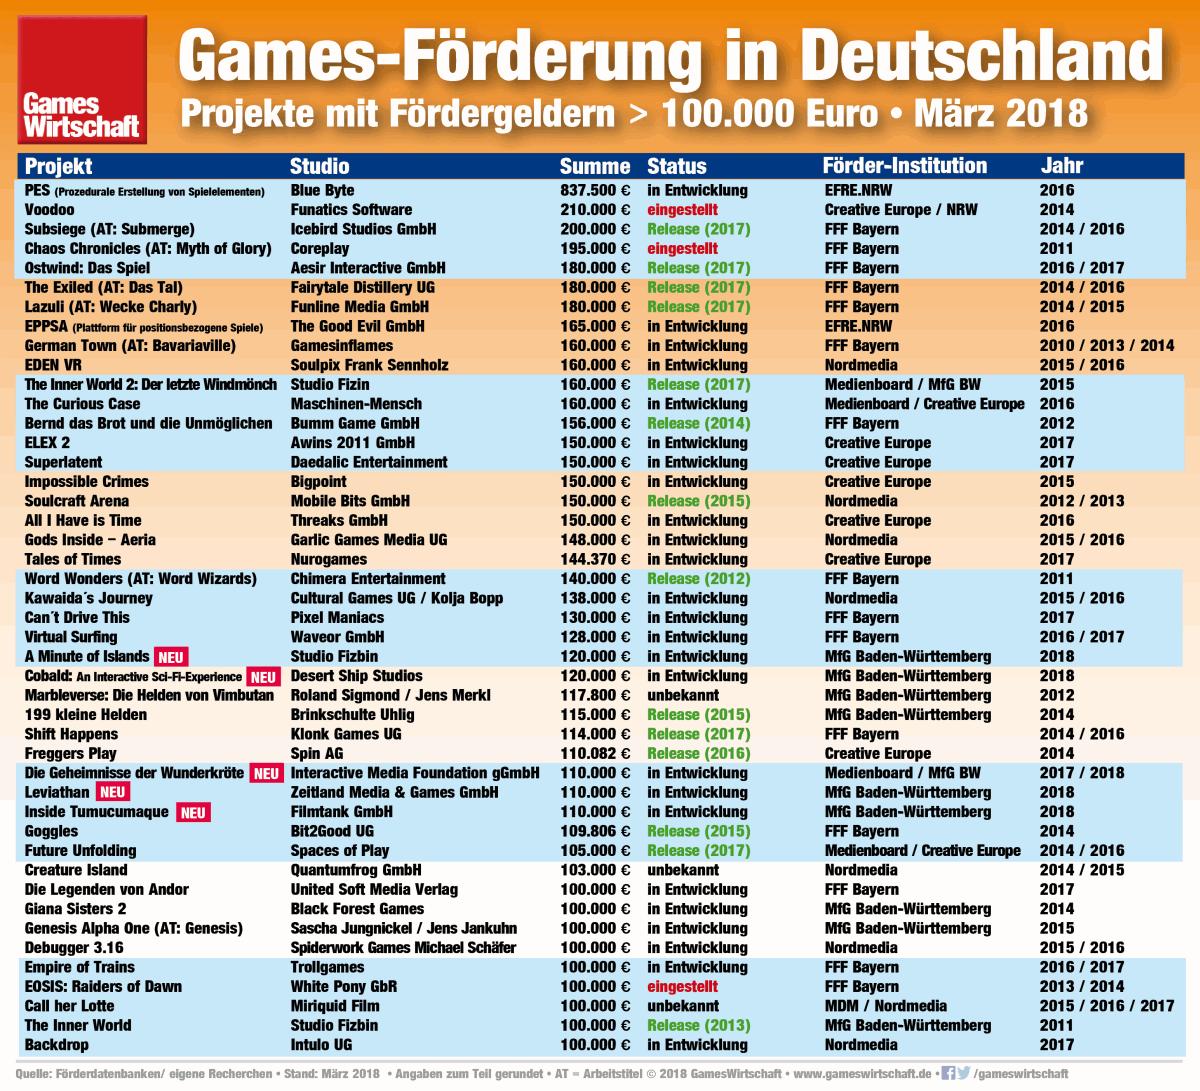 Diese Spiele-Projekte made in Germany wurden in den vergangenen Jahren mit mehr als 100.000 Euro gefördert (Stand: März 2018)